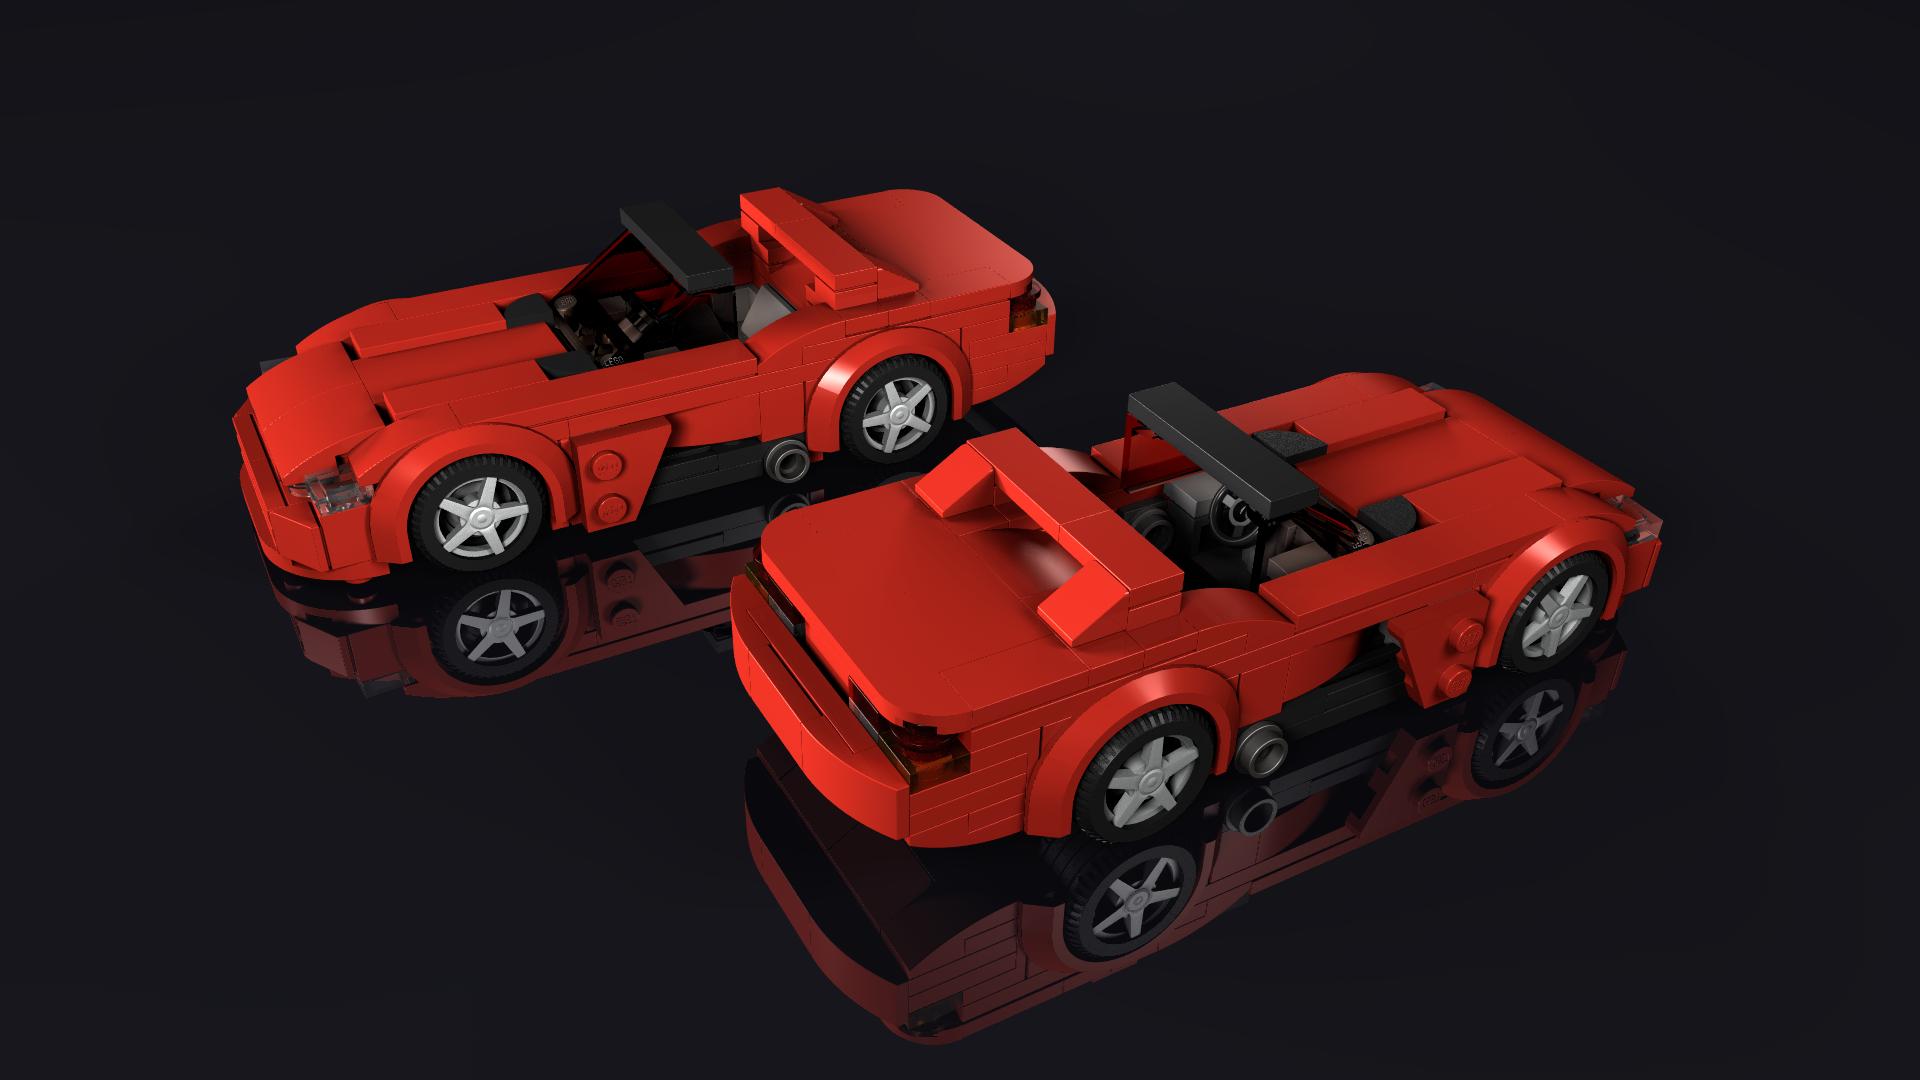 SC Dodge Viper RT/10